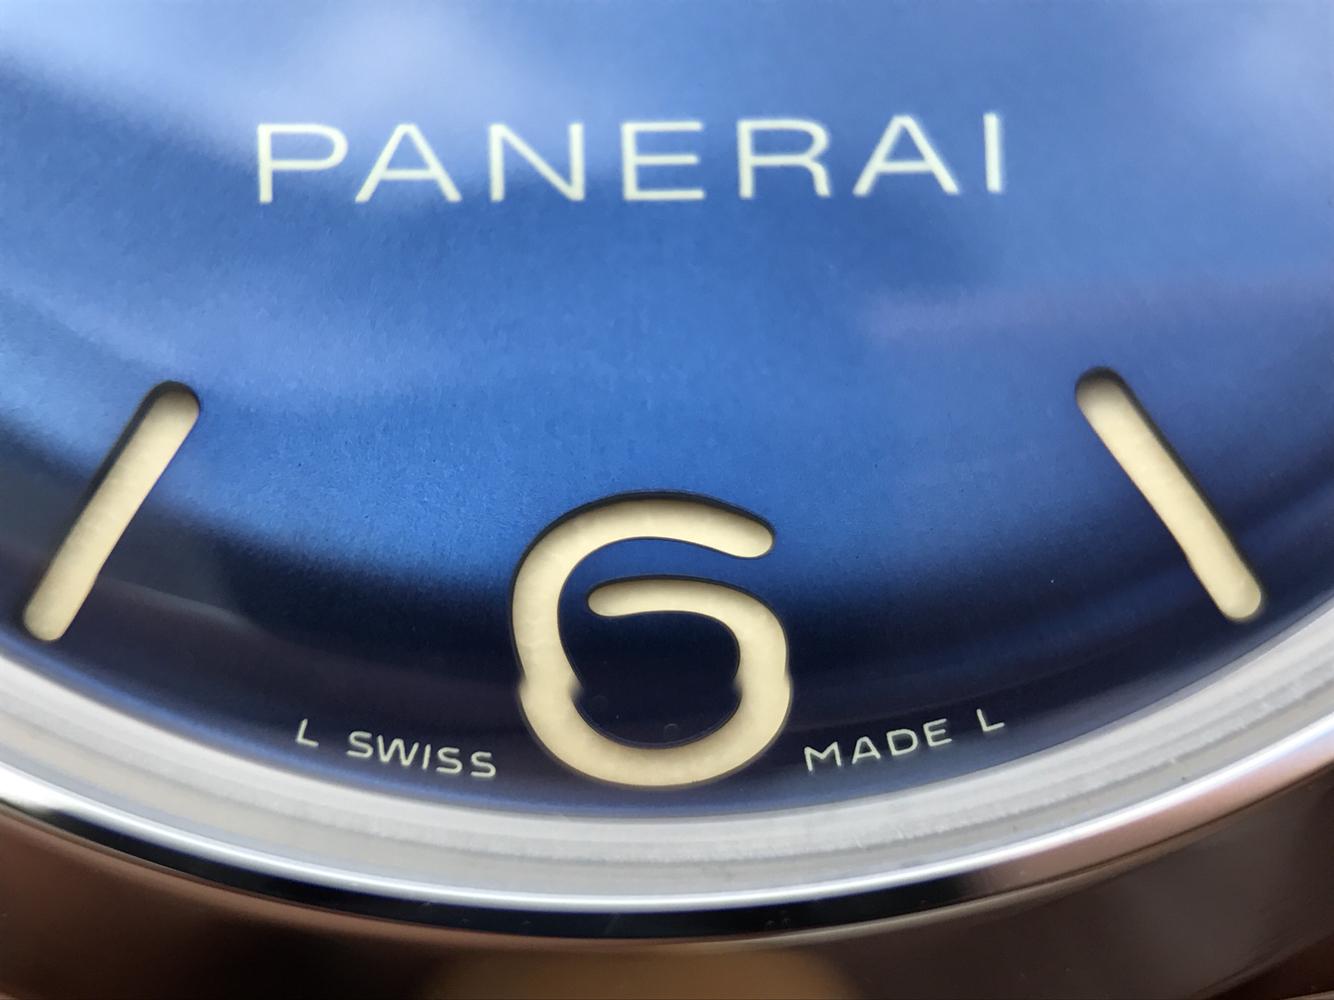 PAM 690 PANERAI Printing